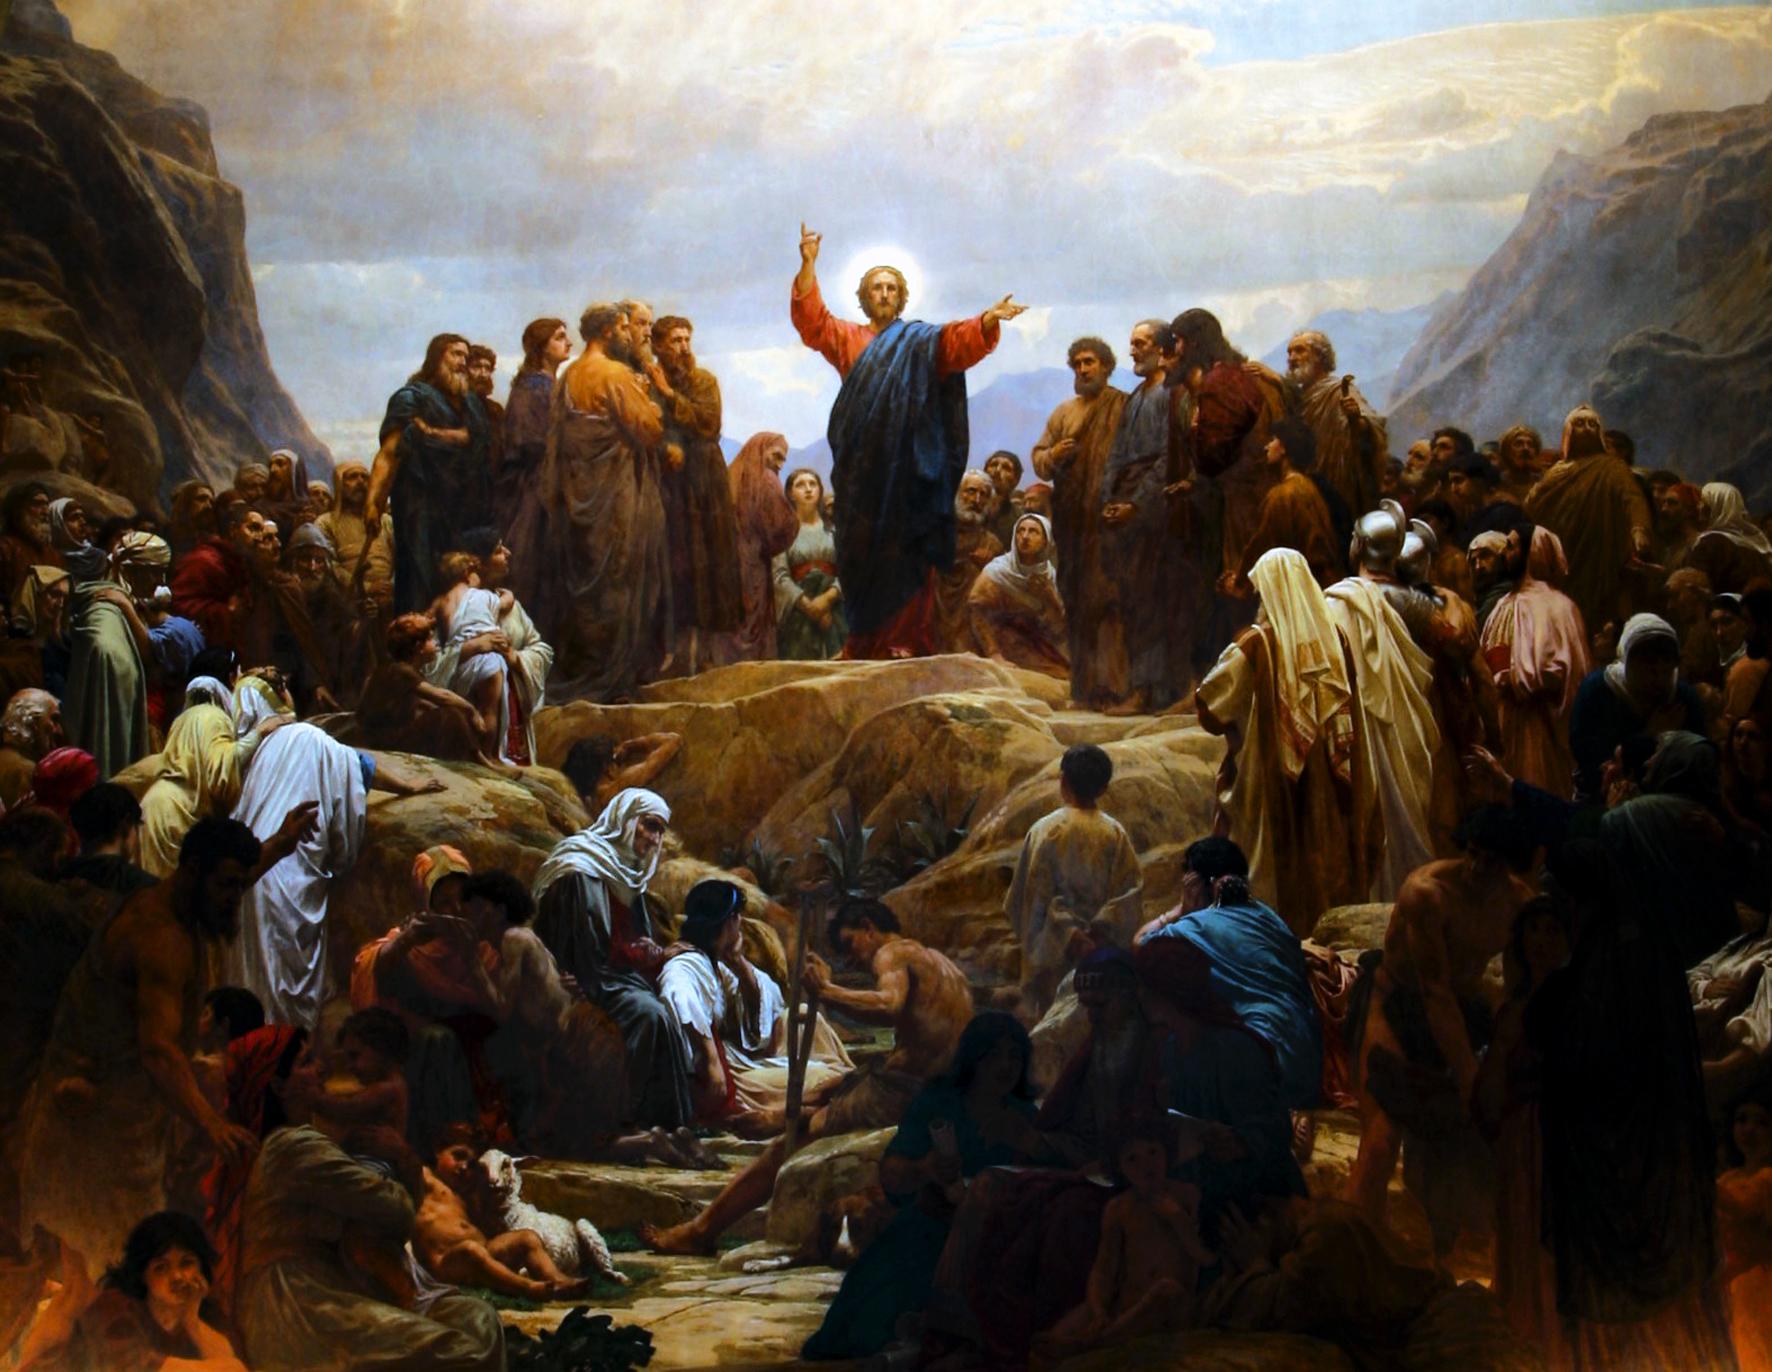 Sermon de la Montaña krouillong comunion en la mano es sacrilegio3